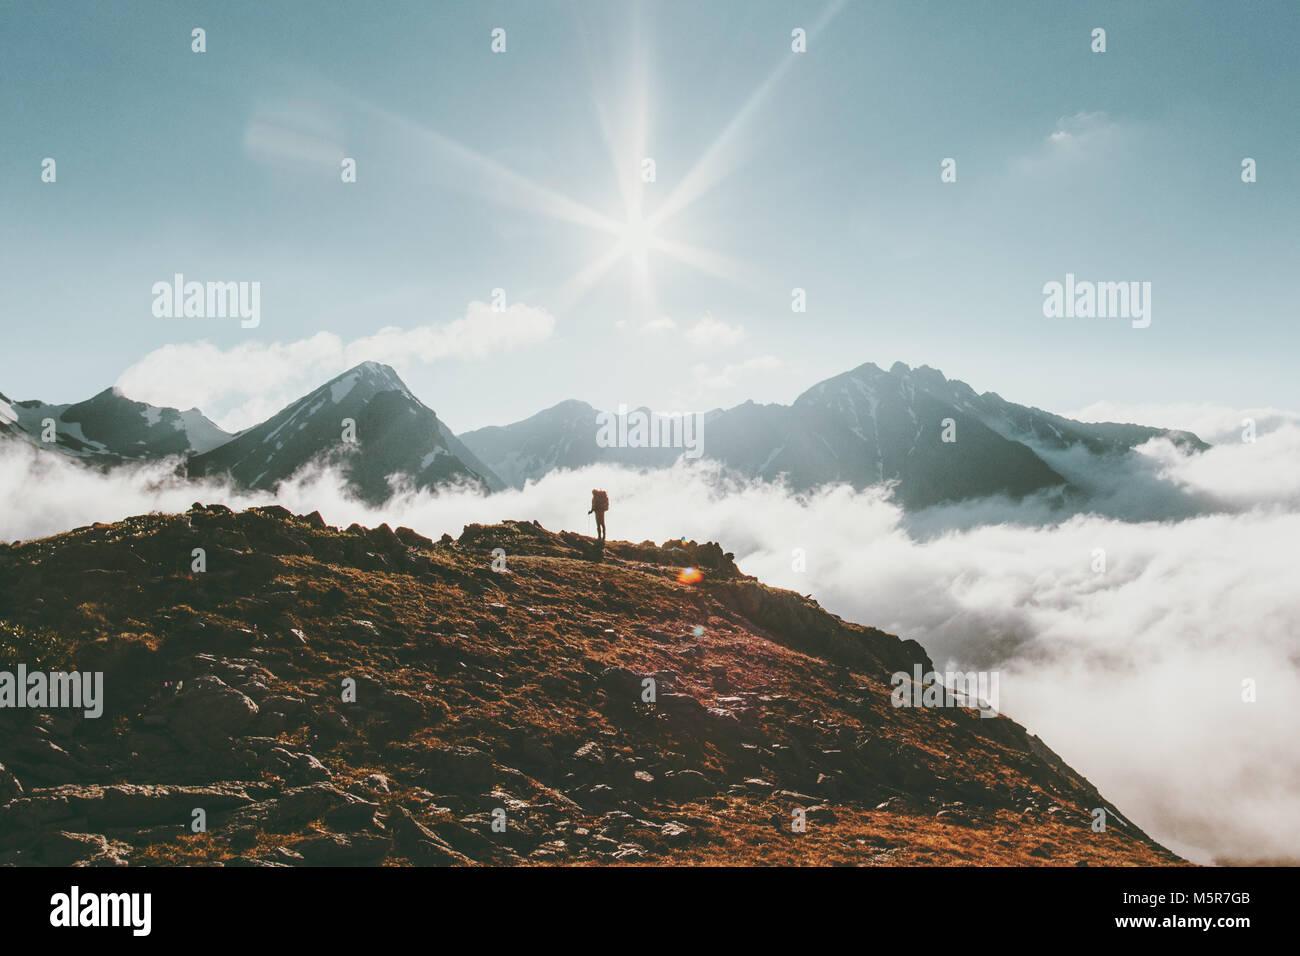 Paysage des montagnes de vie voyage adventure concept traveler Standing alone vacances d'une journée ensoleillée Banque D'Images